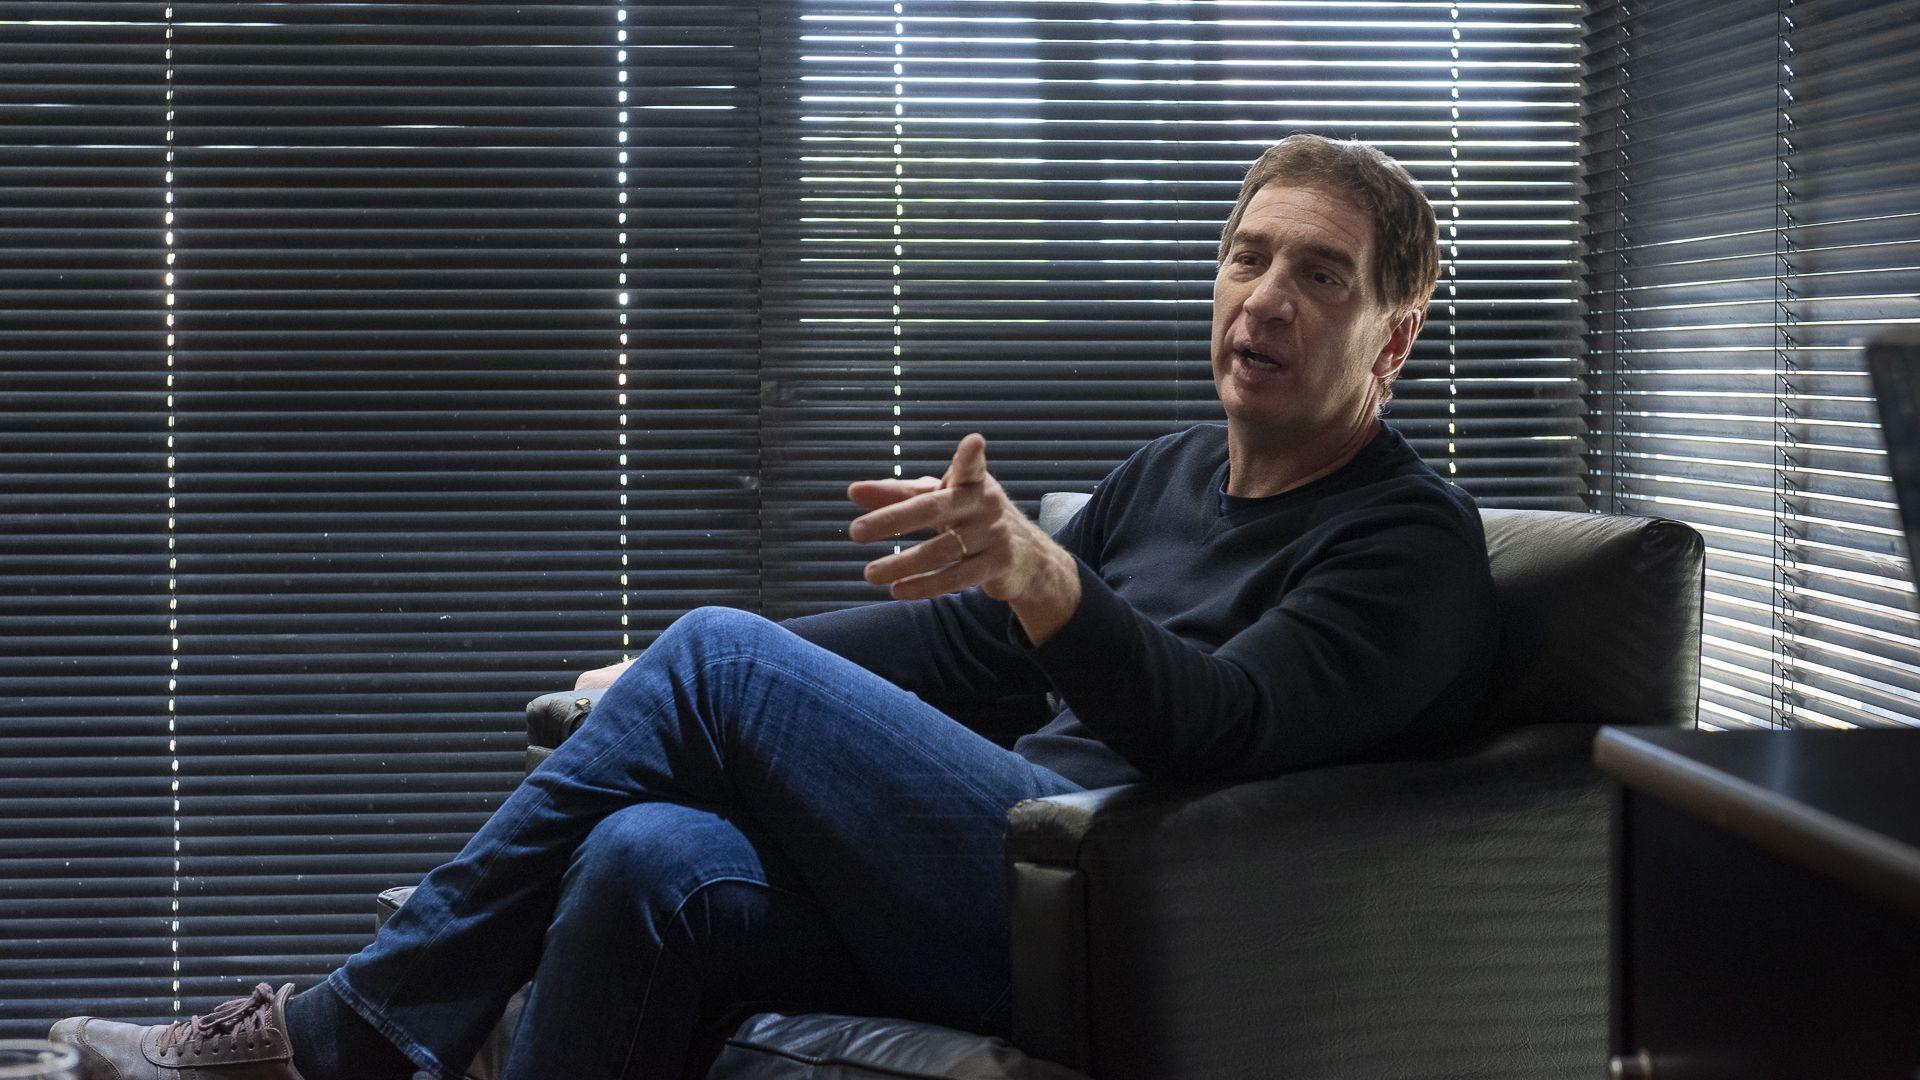 Entrevista de David Cayon a Diego Santilli